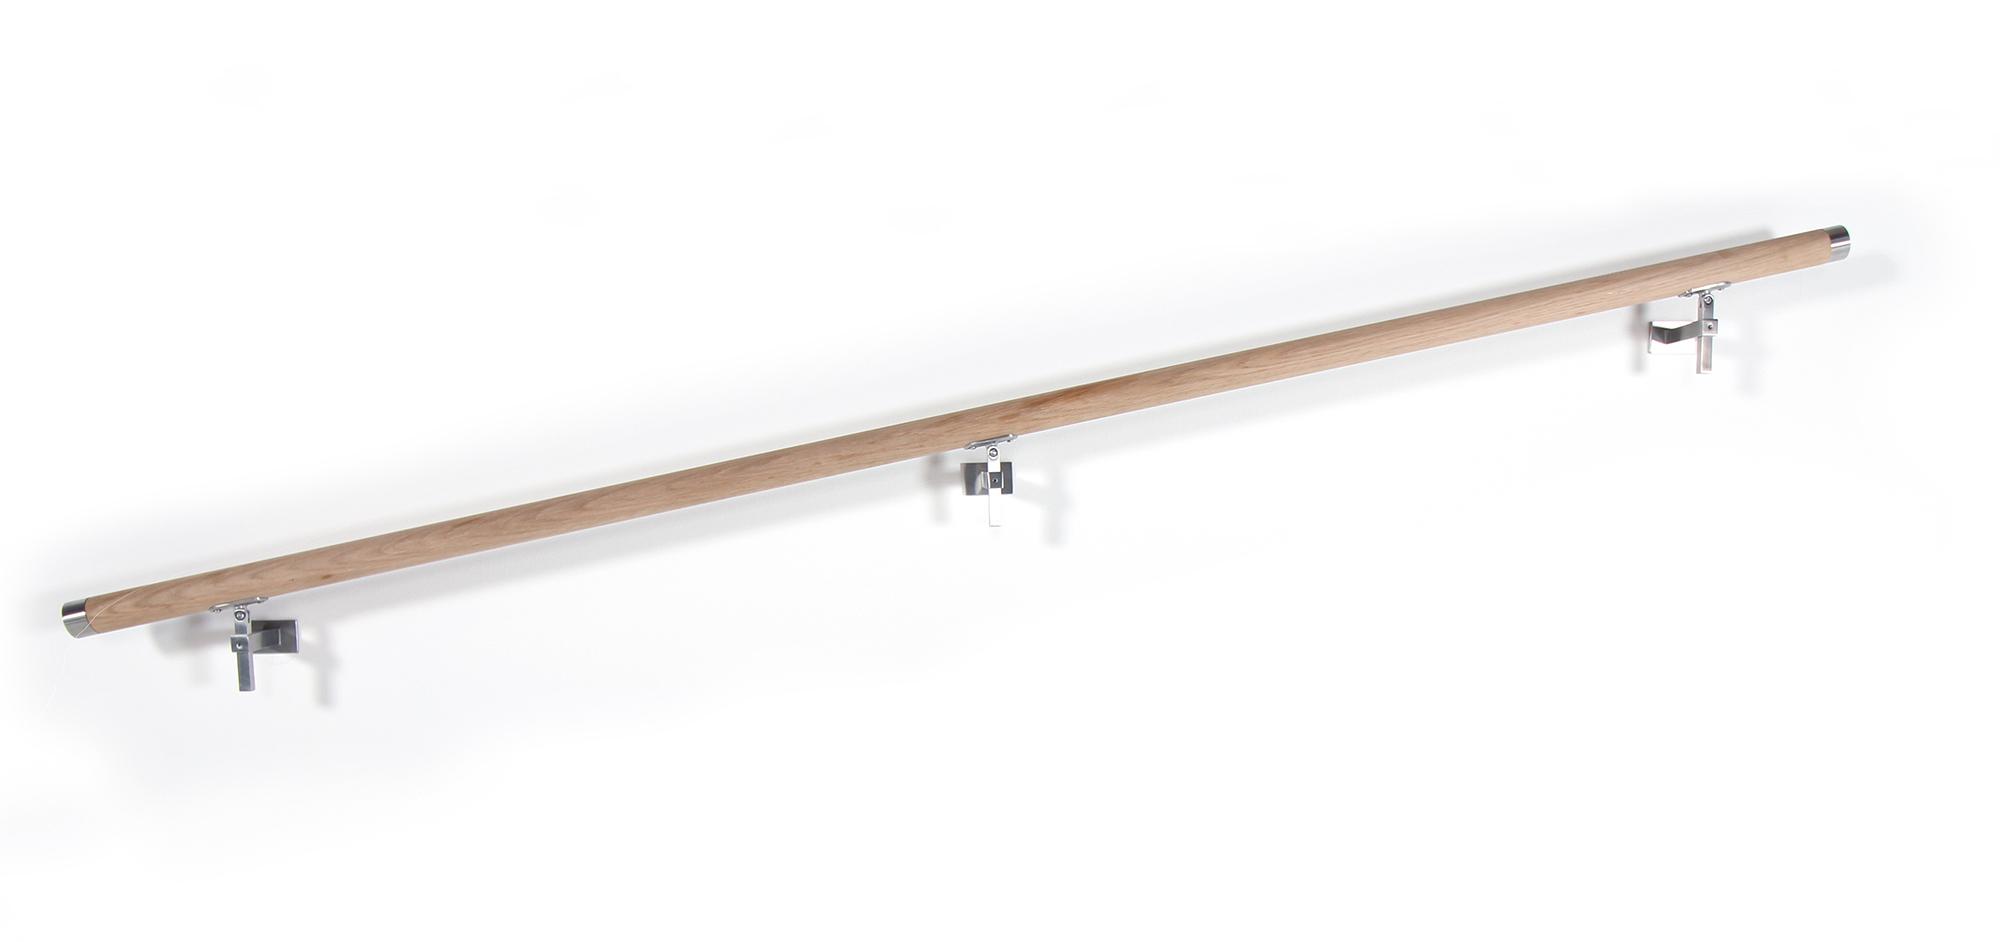 Ledstång i trä att fästa i vägg